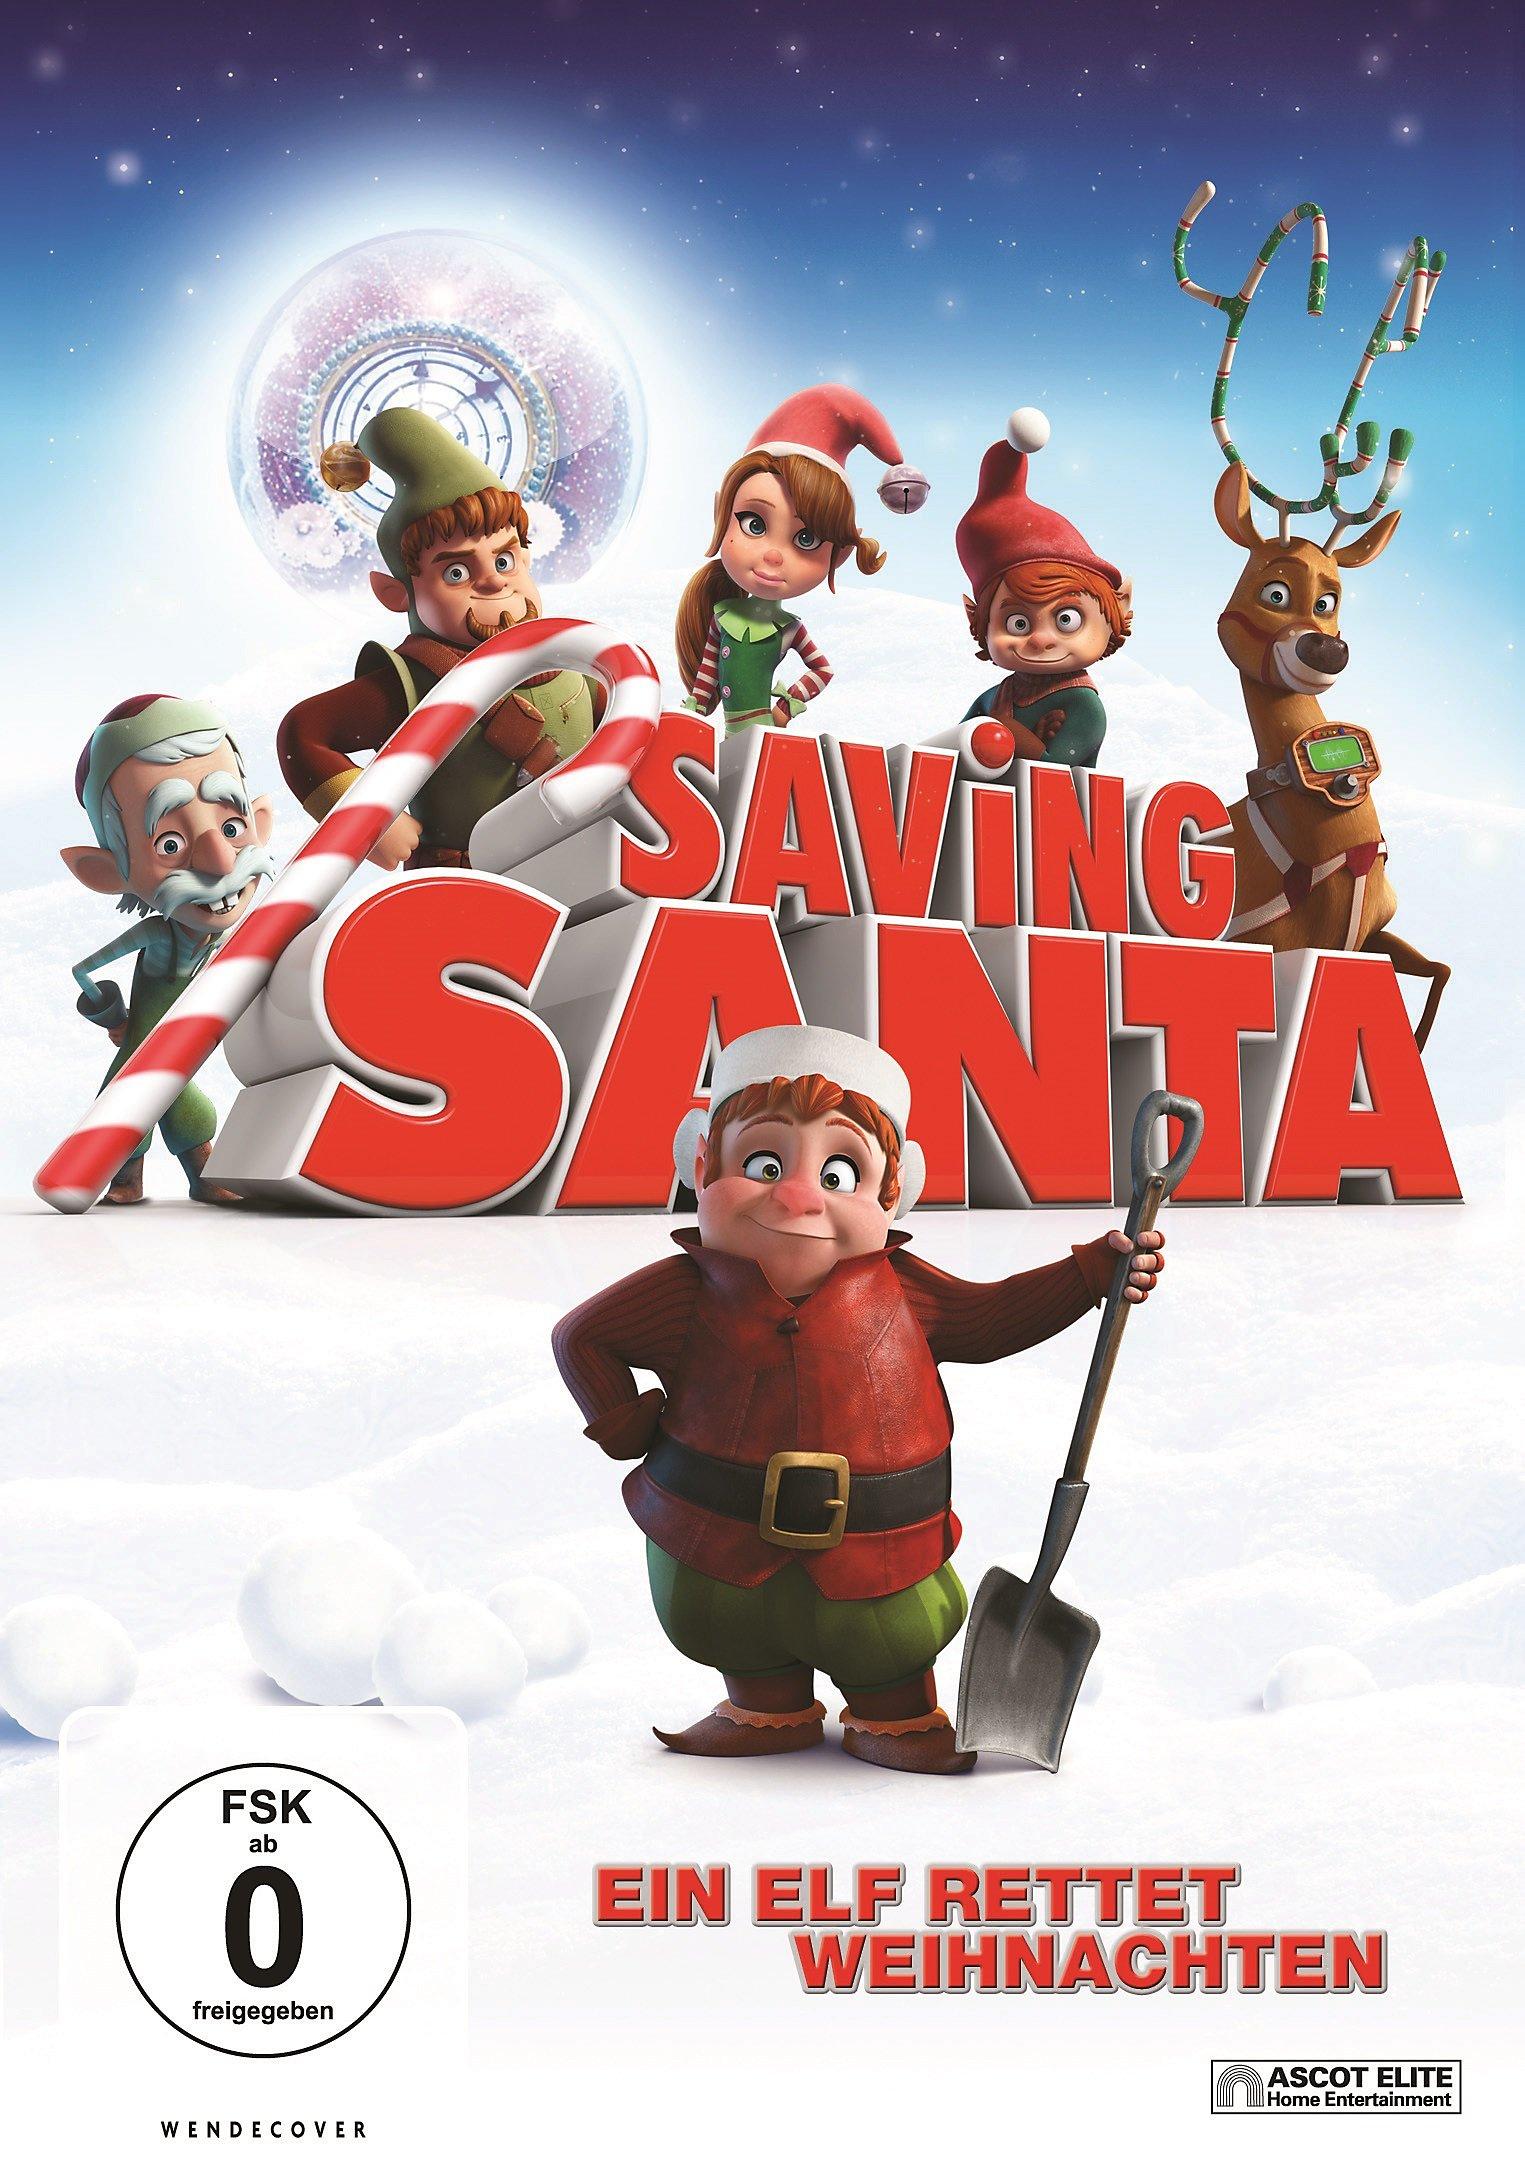 Saving Santa - Ein Elf rettet Weihnachten DVD | Weltbild.ch